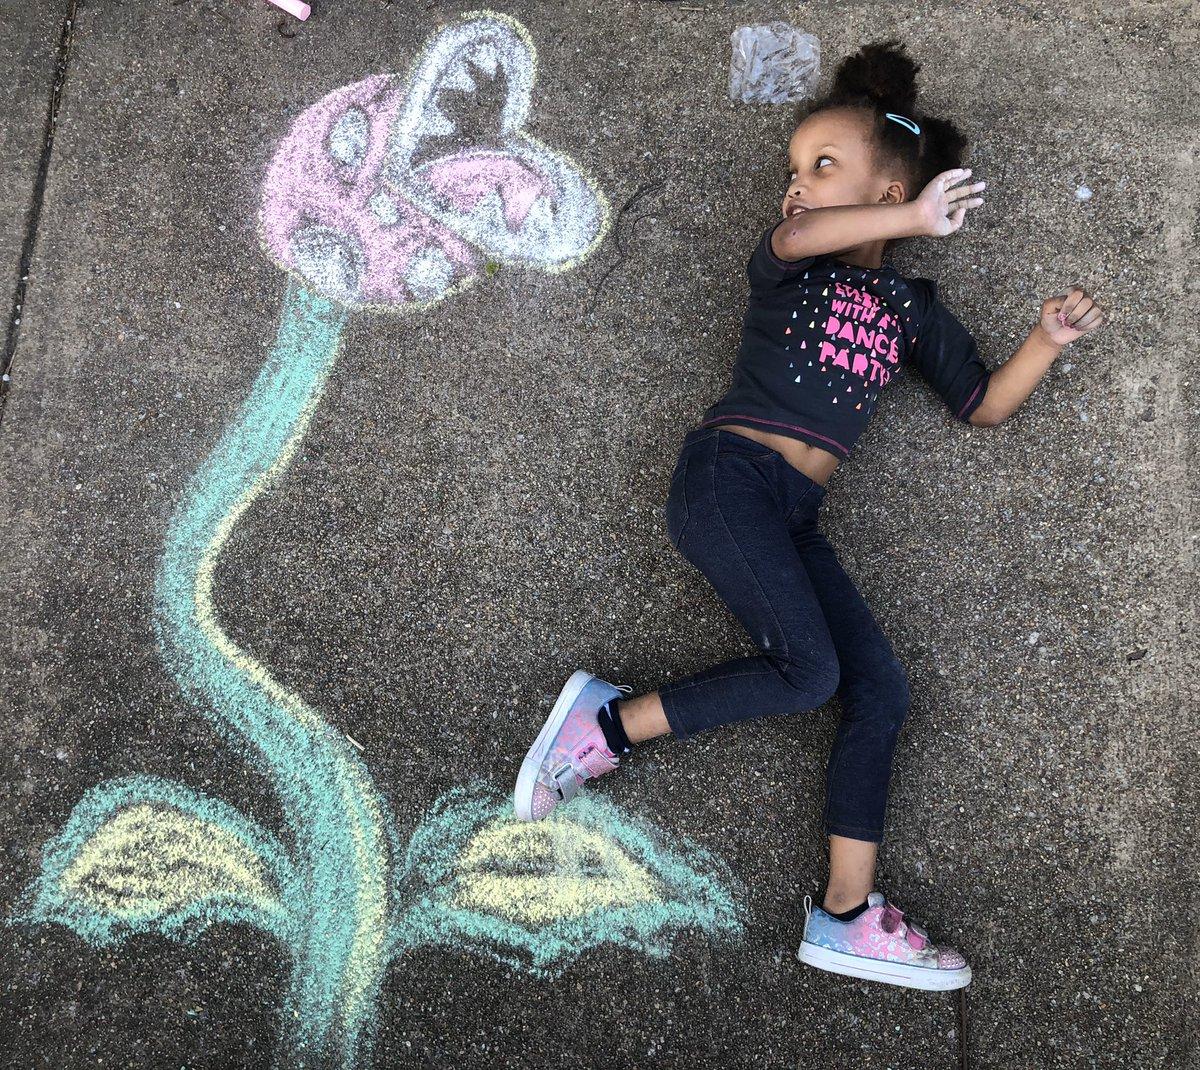 Chalk drawings are the best ❤️ <a target='_blank' href='https://t.co/9c32JlAXmy'>https://t.co/9c32JlAXmy</a>